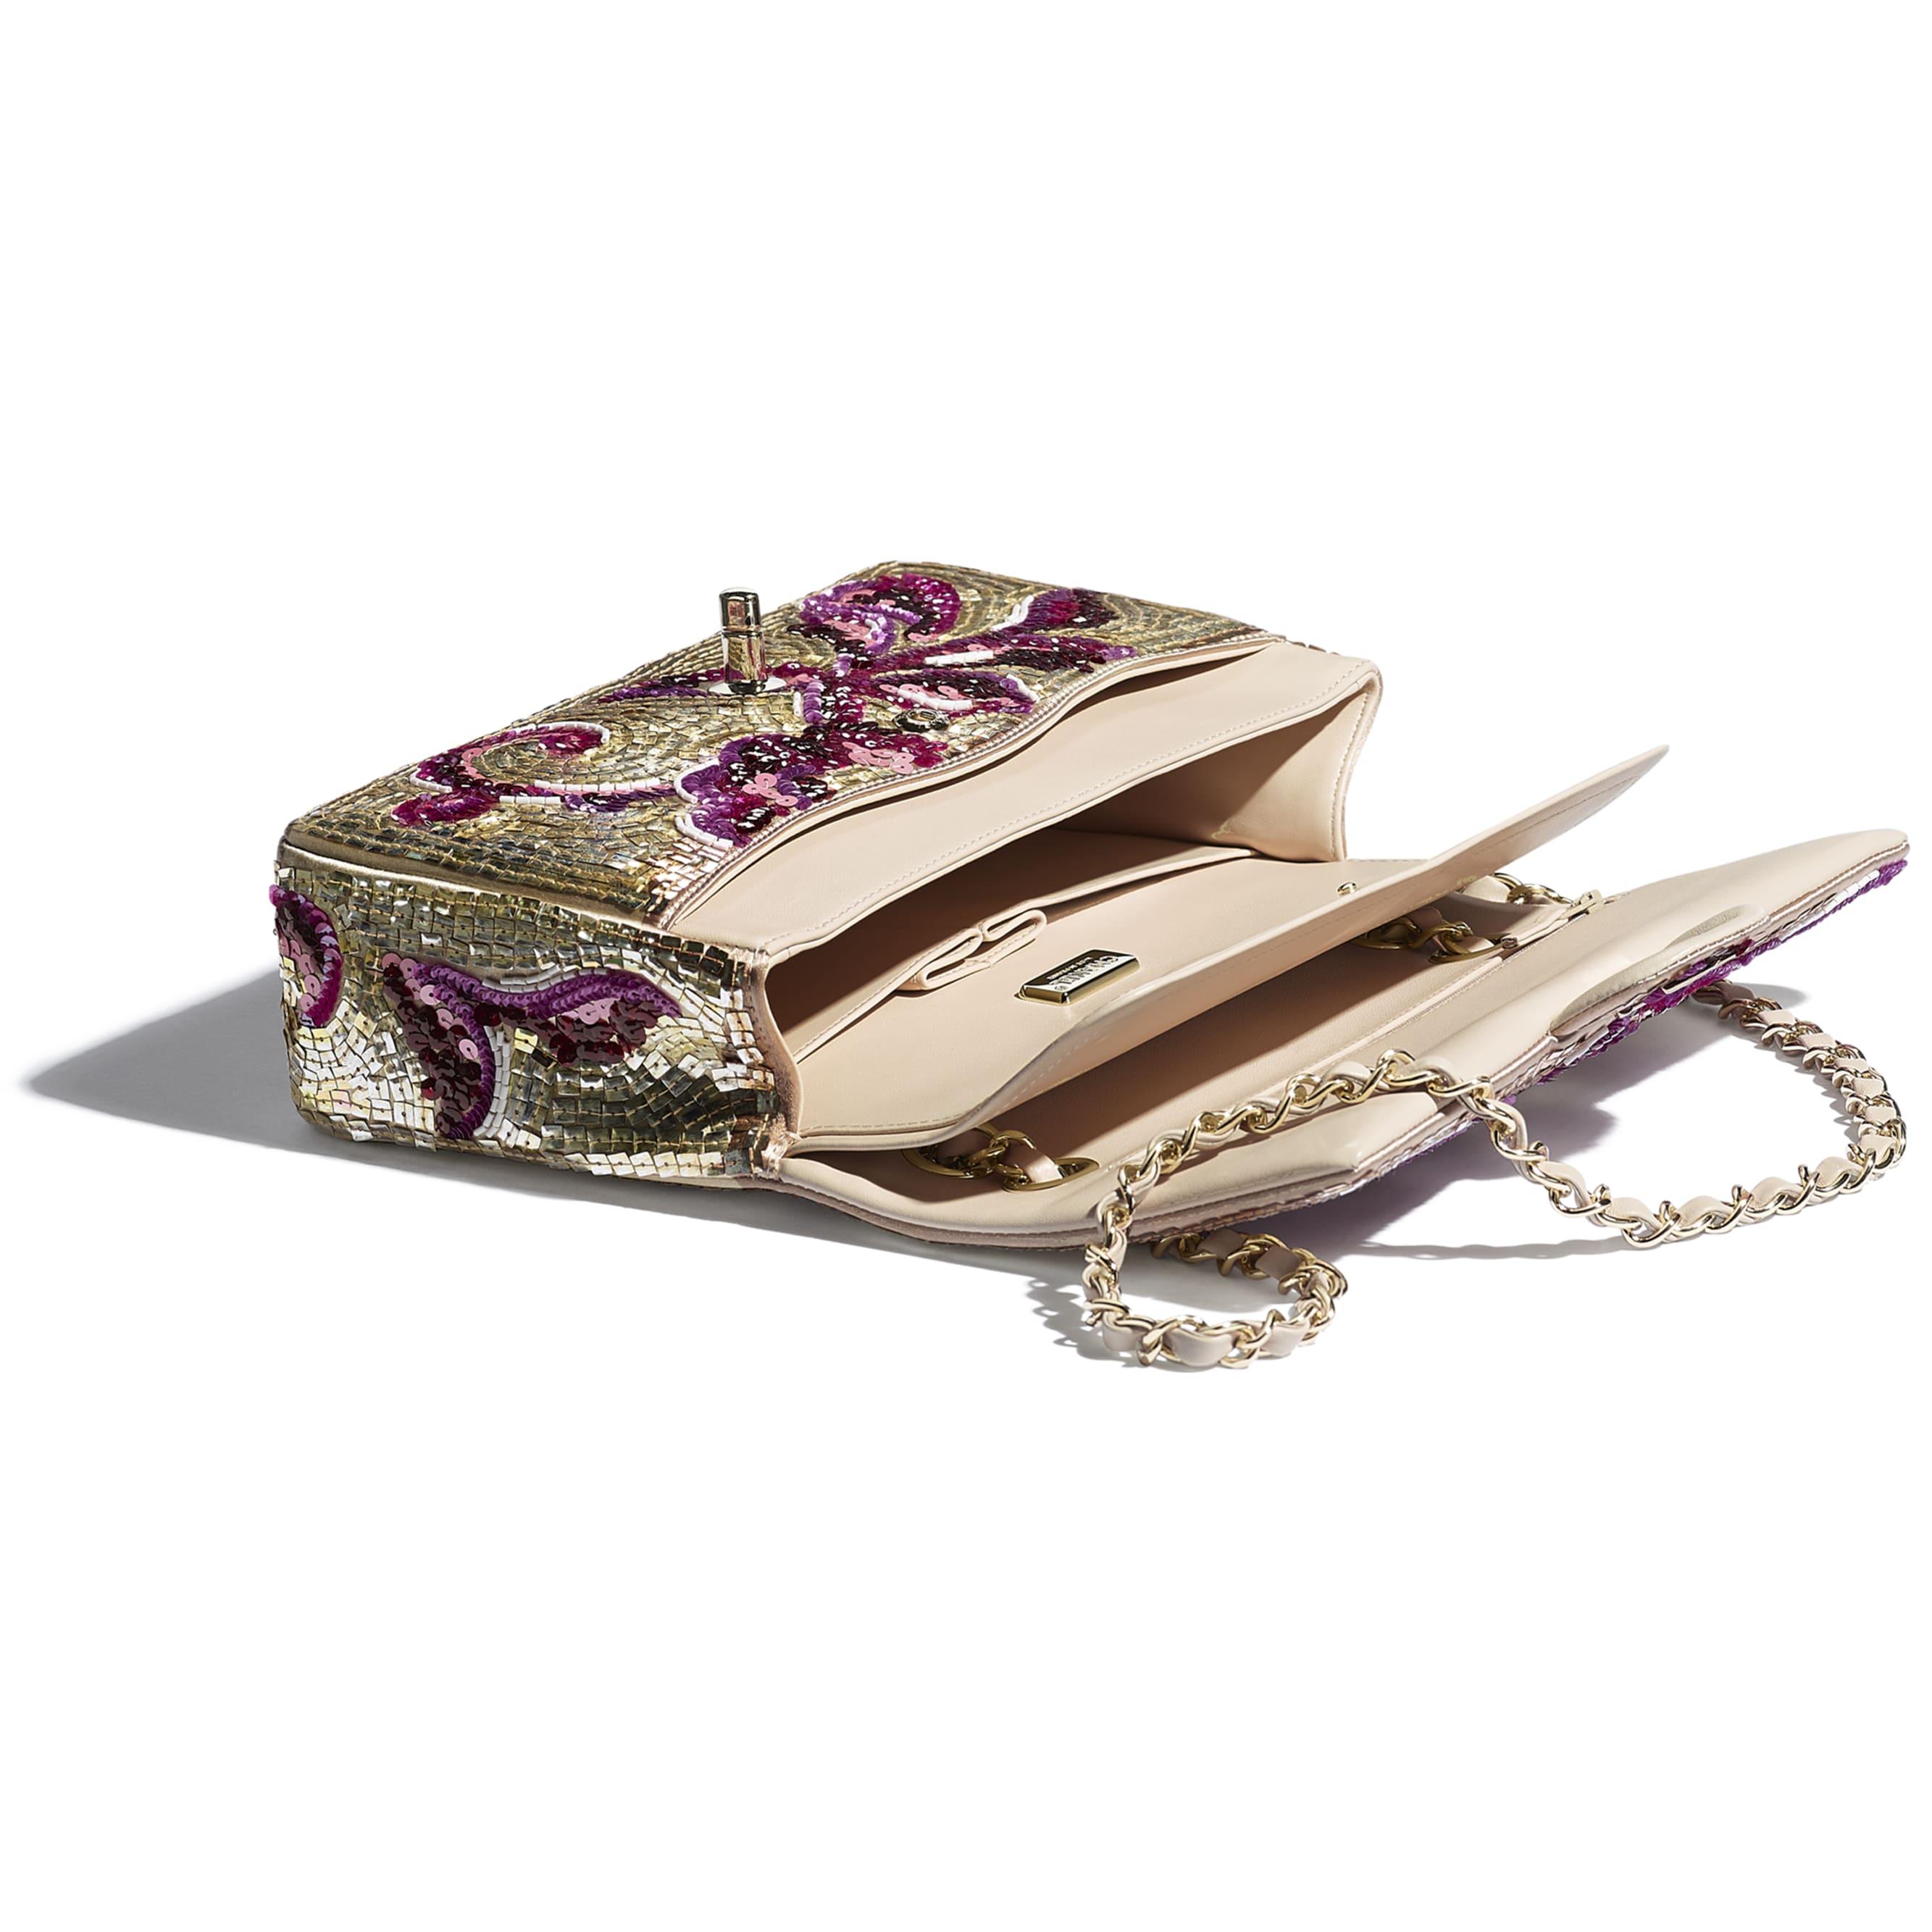 Классическая сумка-конверт - Фиолетовый и золотистый - Пайетки, стеклянный жемчуг, кожа ягненка и золотистый металл - CHANEL - Другое изображение - посмотреть изображение стандартного размера